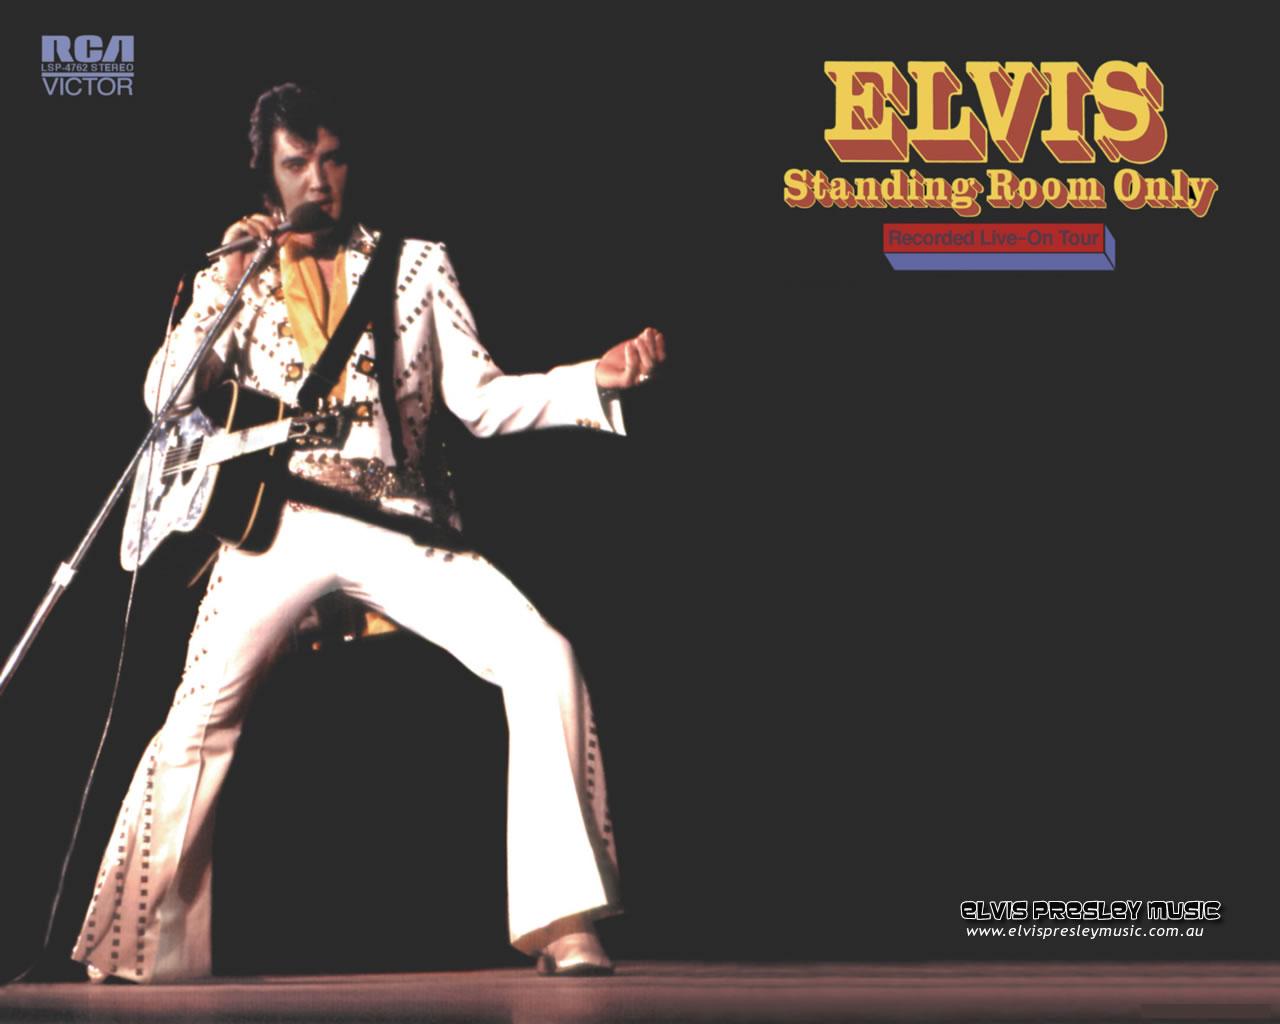 Wallpapers De Elvis Presley Imágenes En Taringa